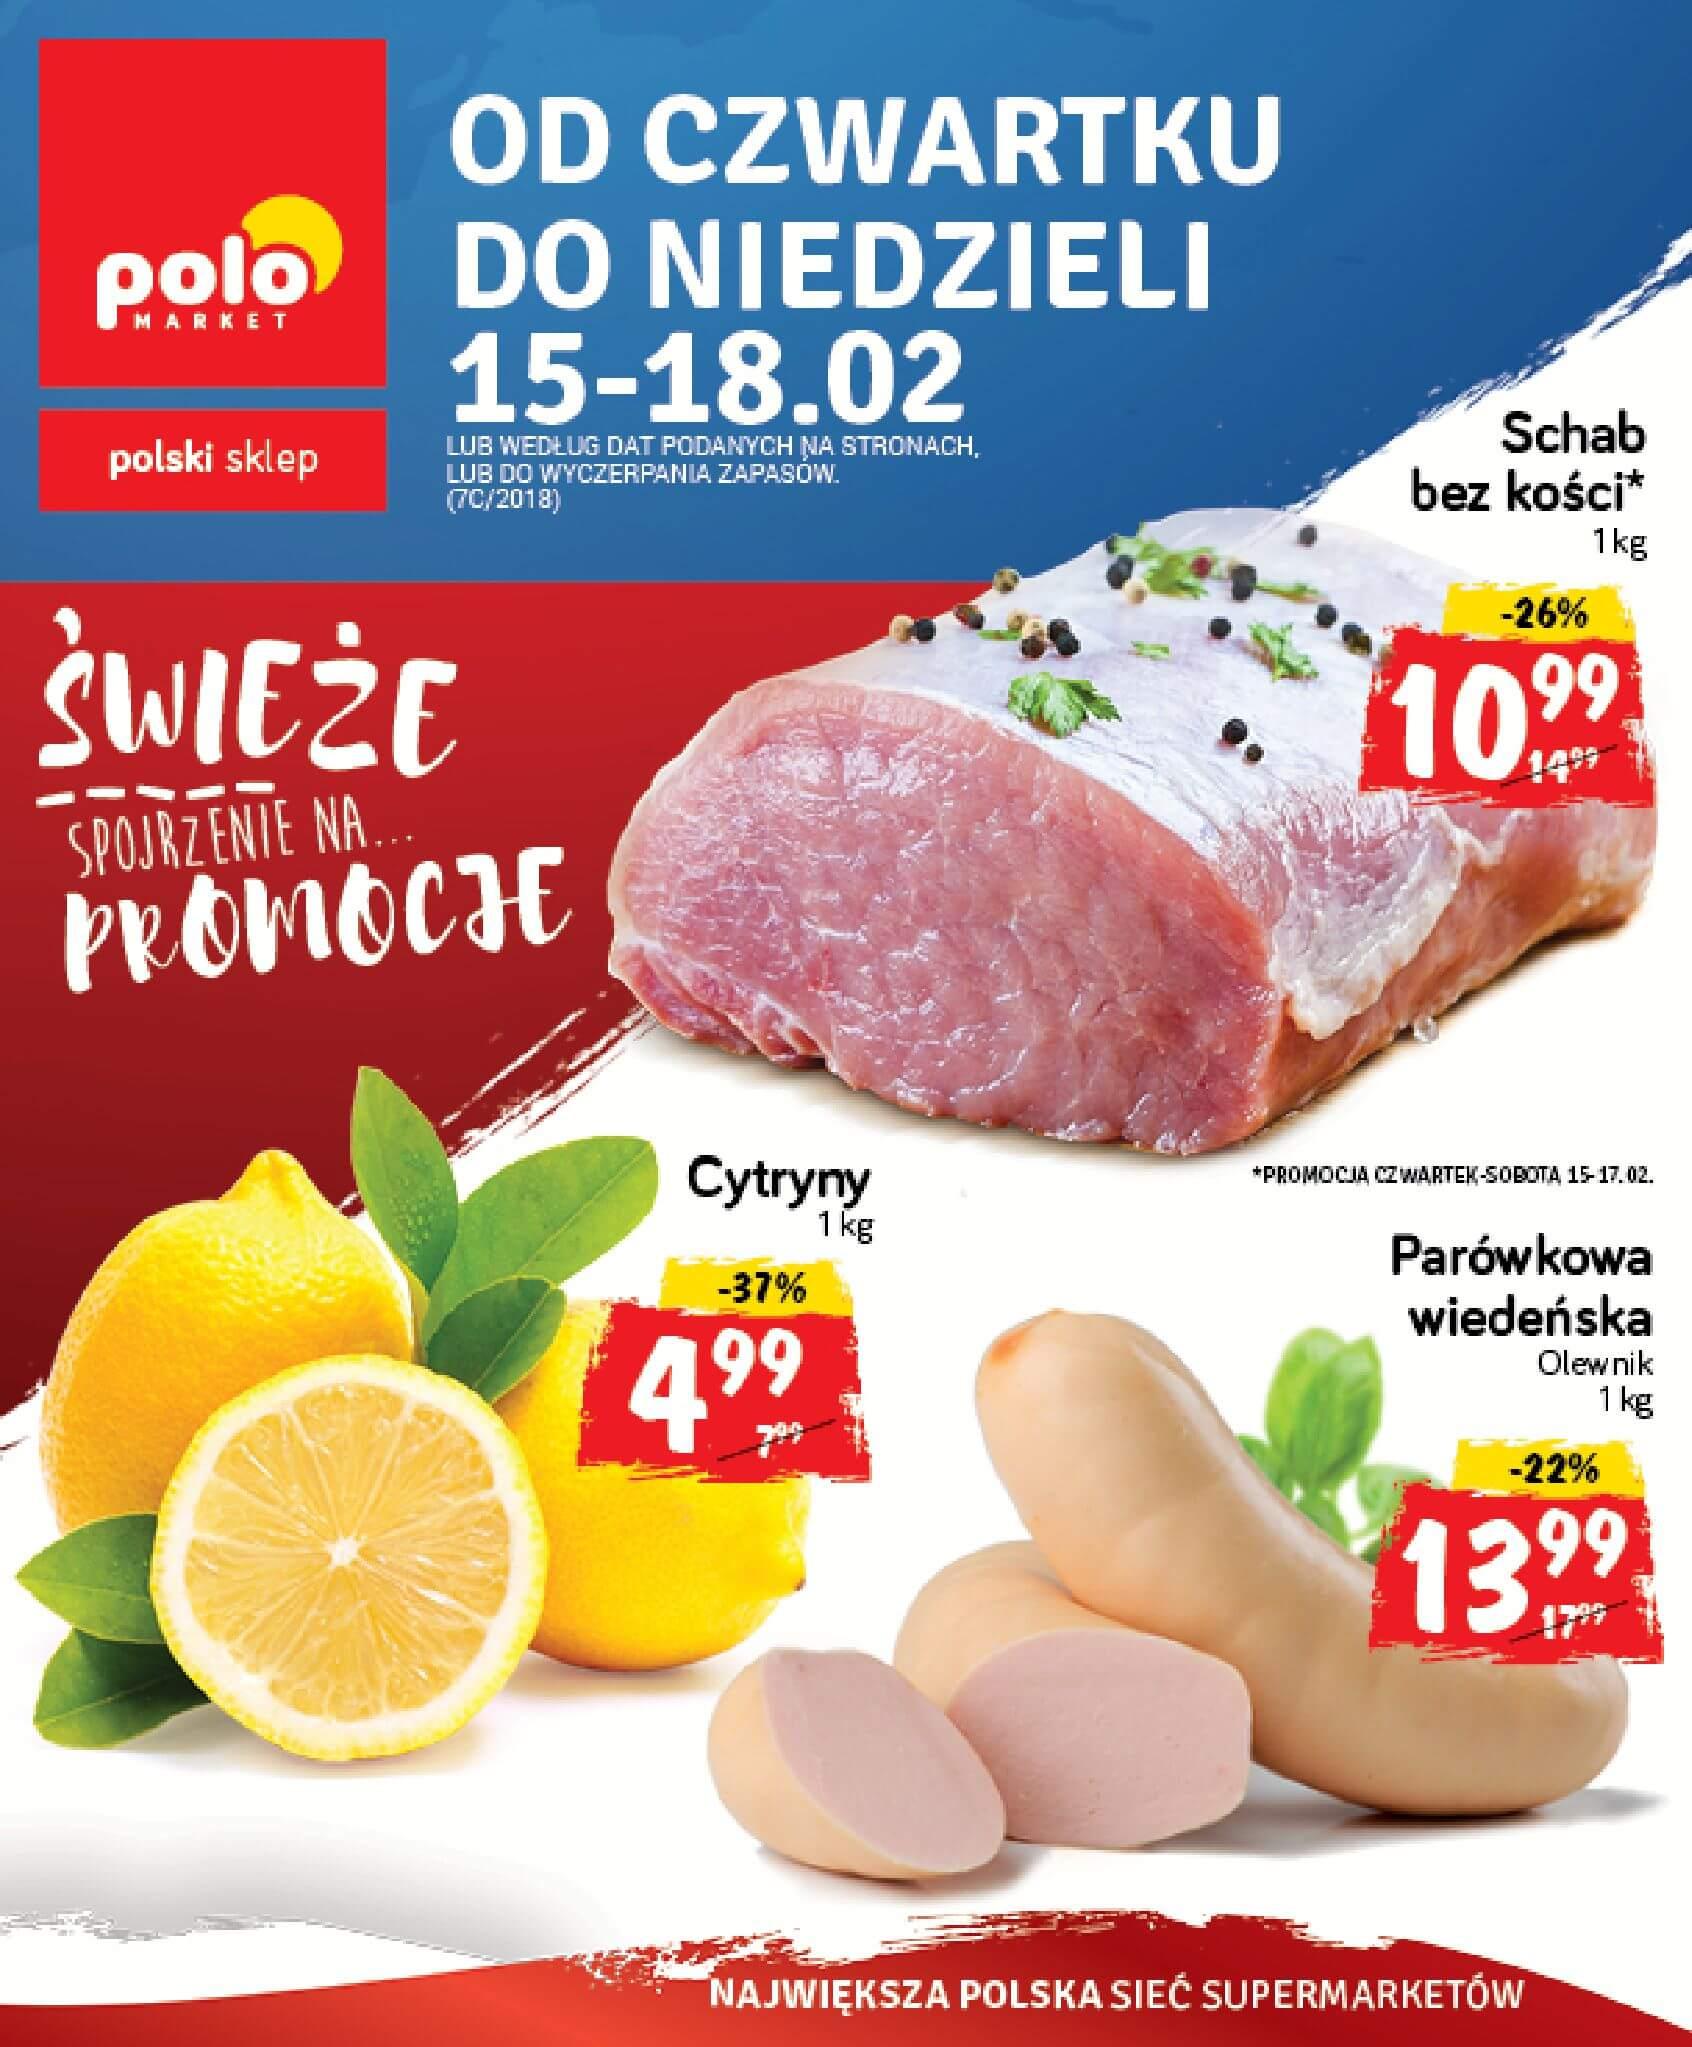 Gazetka Polomarket - Oferta na art. spożywcze, kosmetyki, chemię-14.02.2018-18.02.2018-page-1